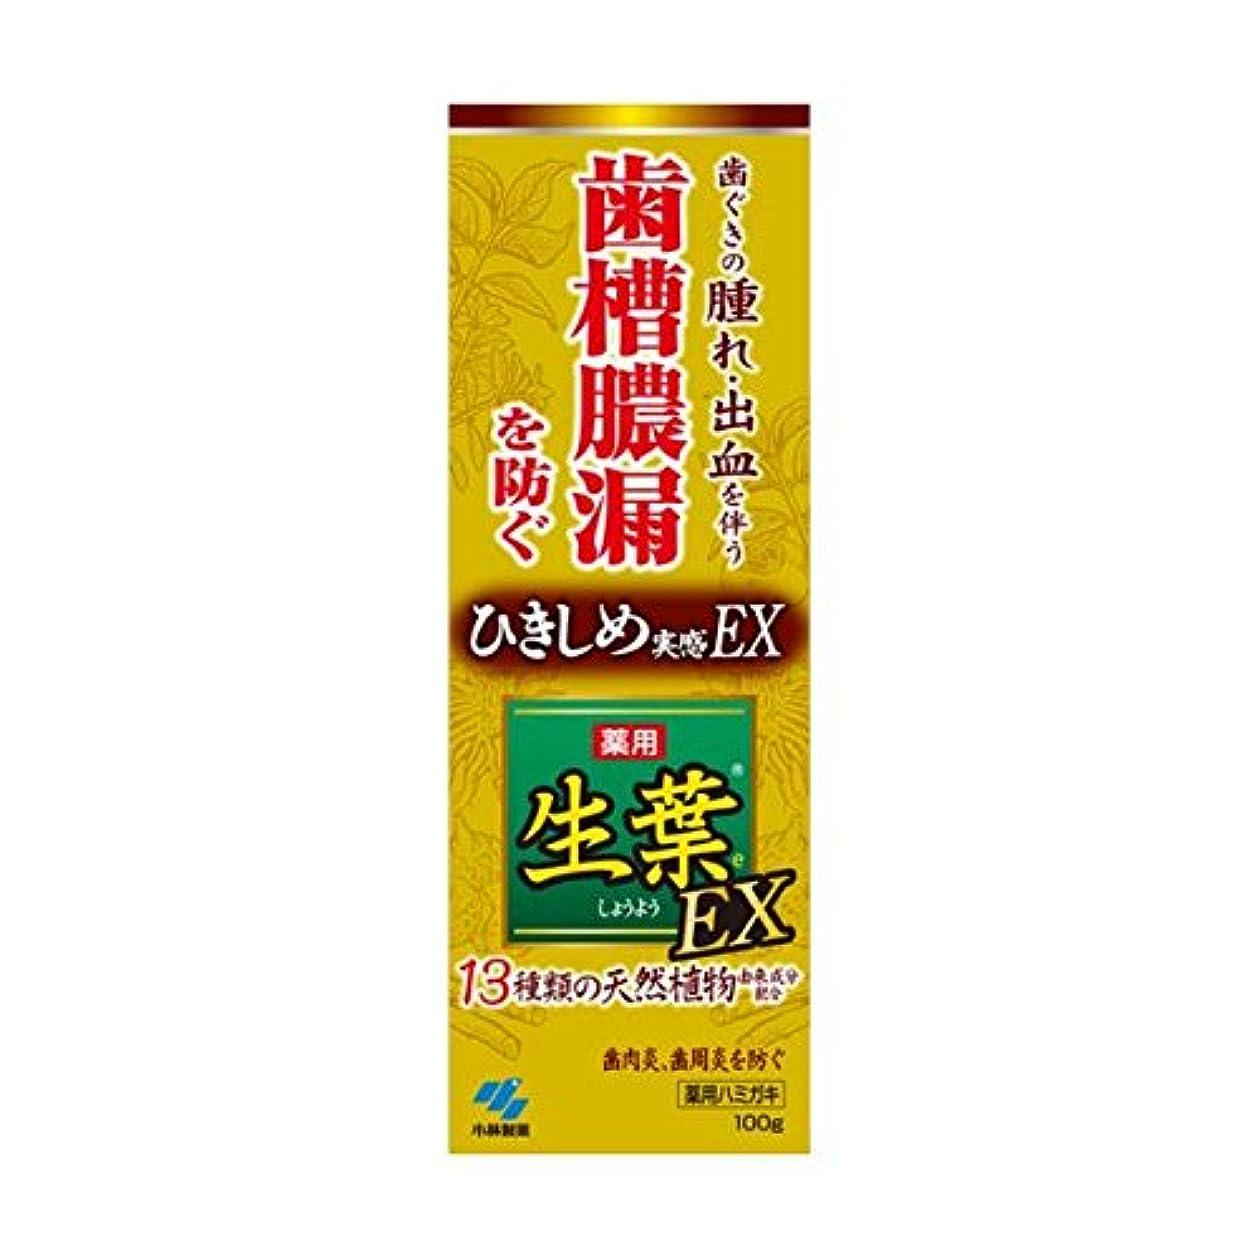 電極パッケージひばり生葉EX 100g x2個セット